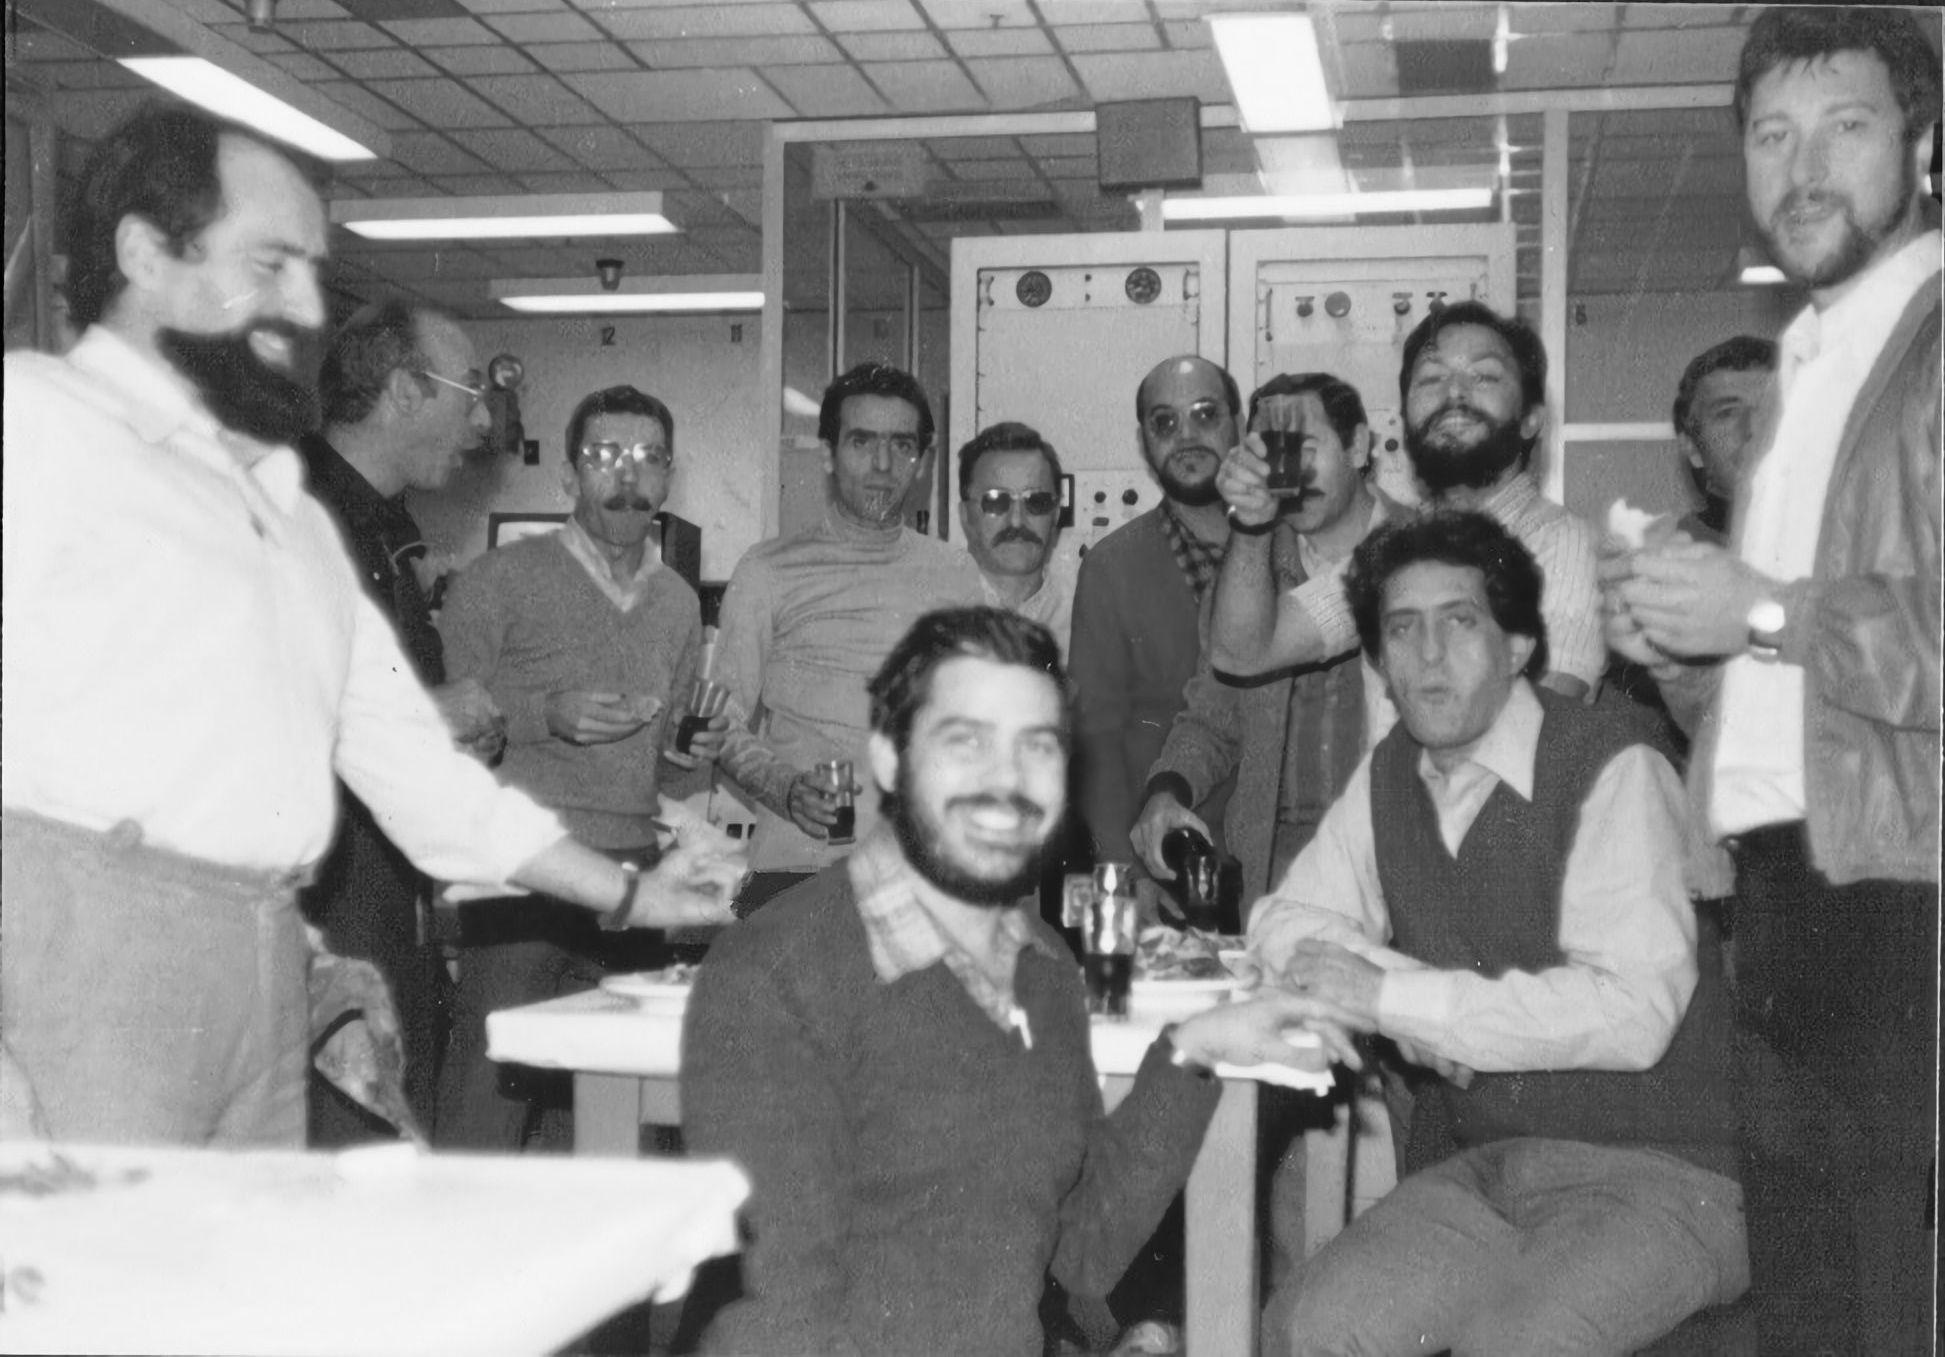 20 luglio 1969. Centro Robledo de Chavela. Festeggiamenti per l'avvenuto allunaggio dell'Apollo-11.